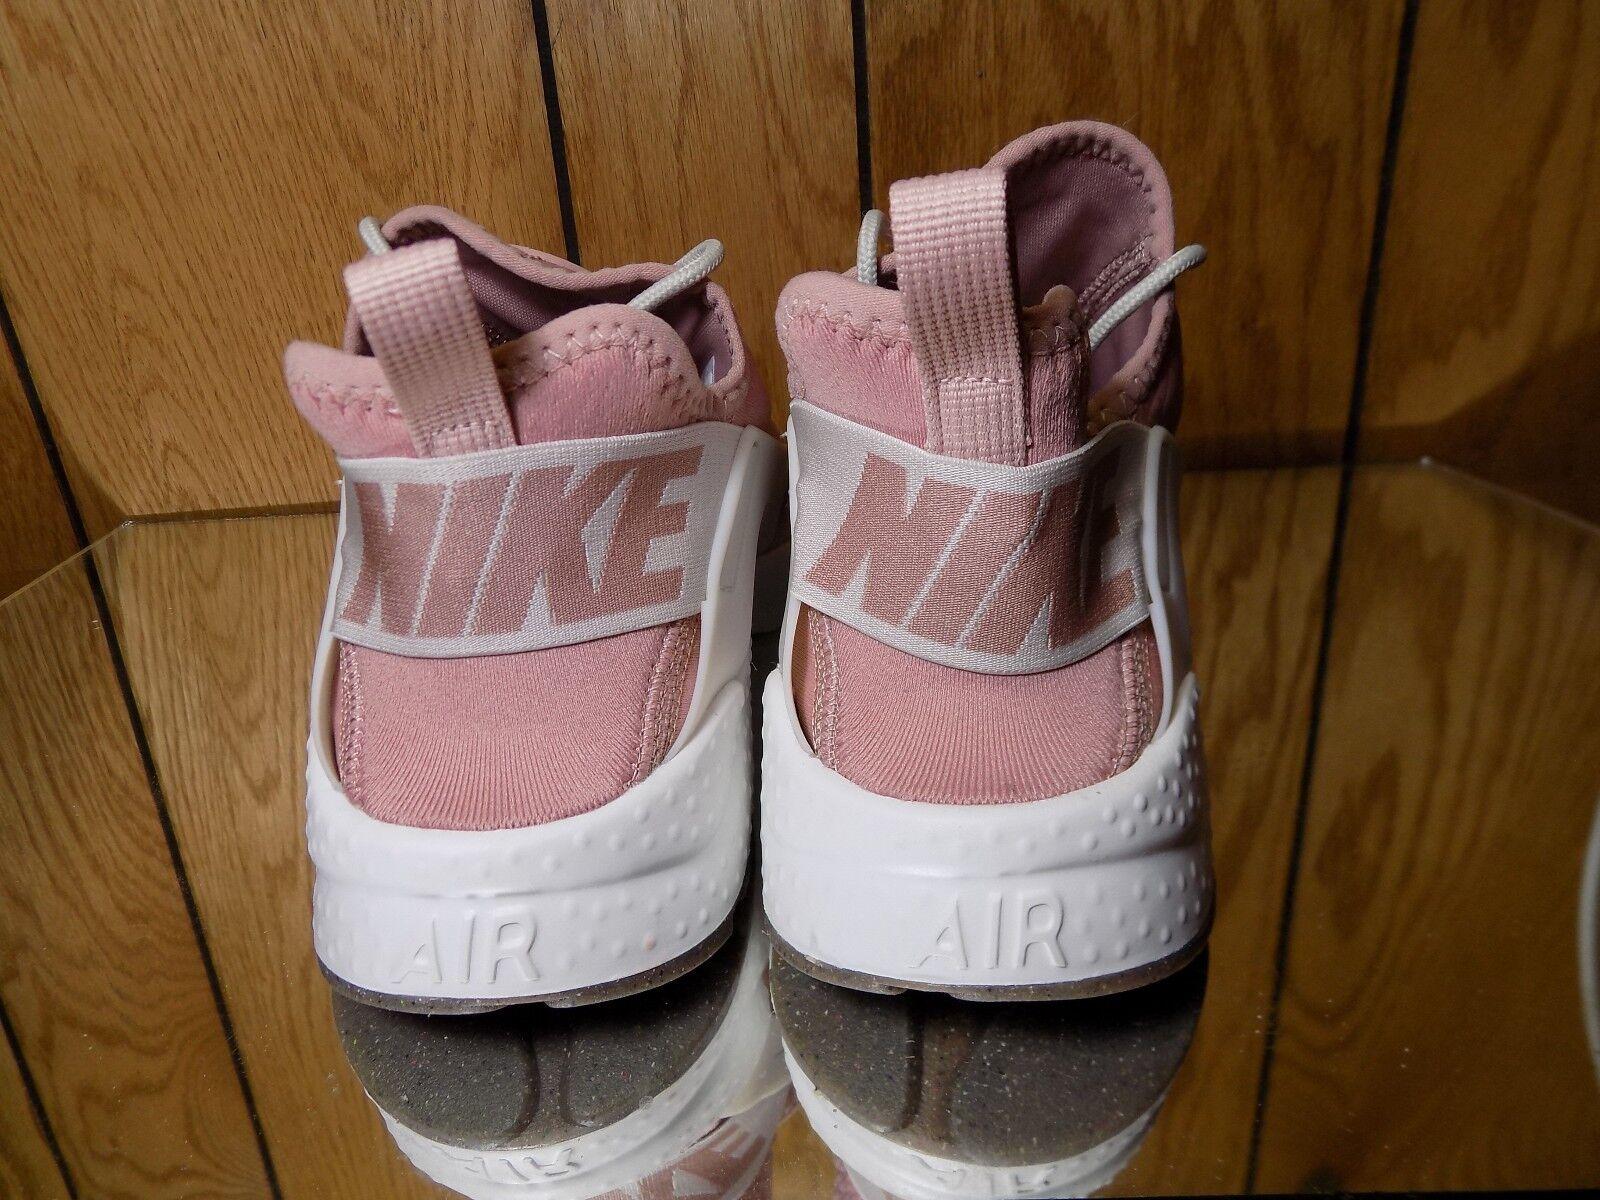 official photos 016b4 4c545 6.5 Nike Air Huarache Run Ultra Particle Pink Light Light Light Bone 819151  603 s.